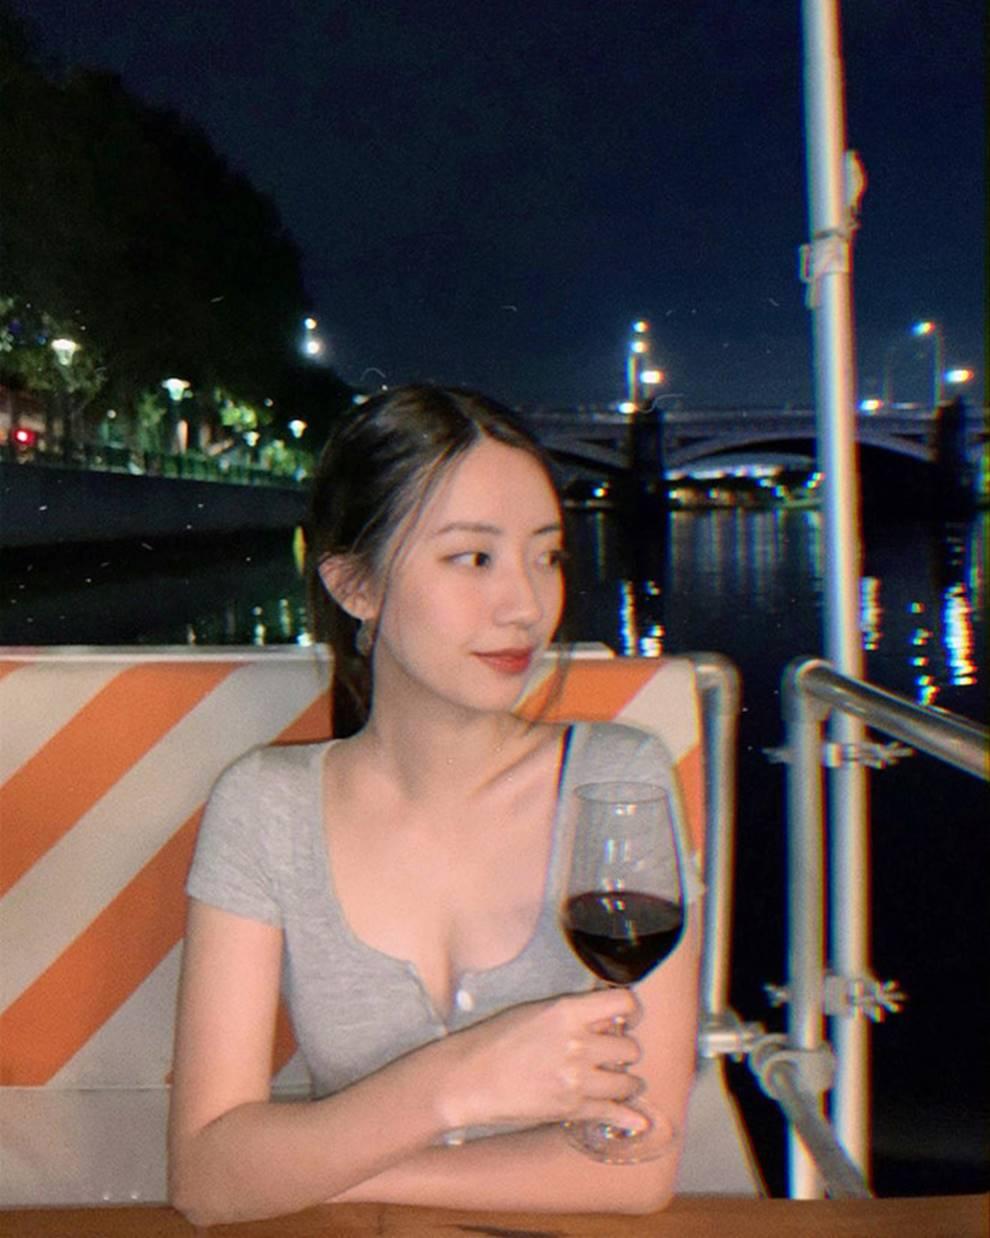 Nhan sắc nóng bỏng của bạn gái Rocker Nguyễn-2